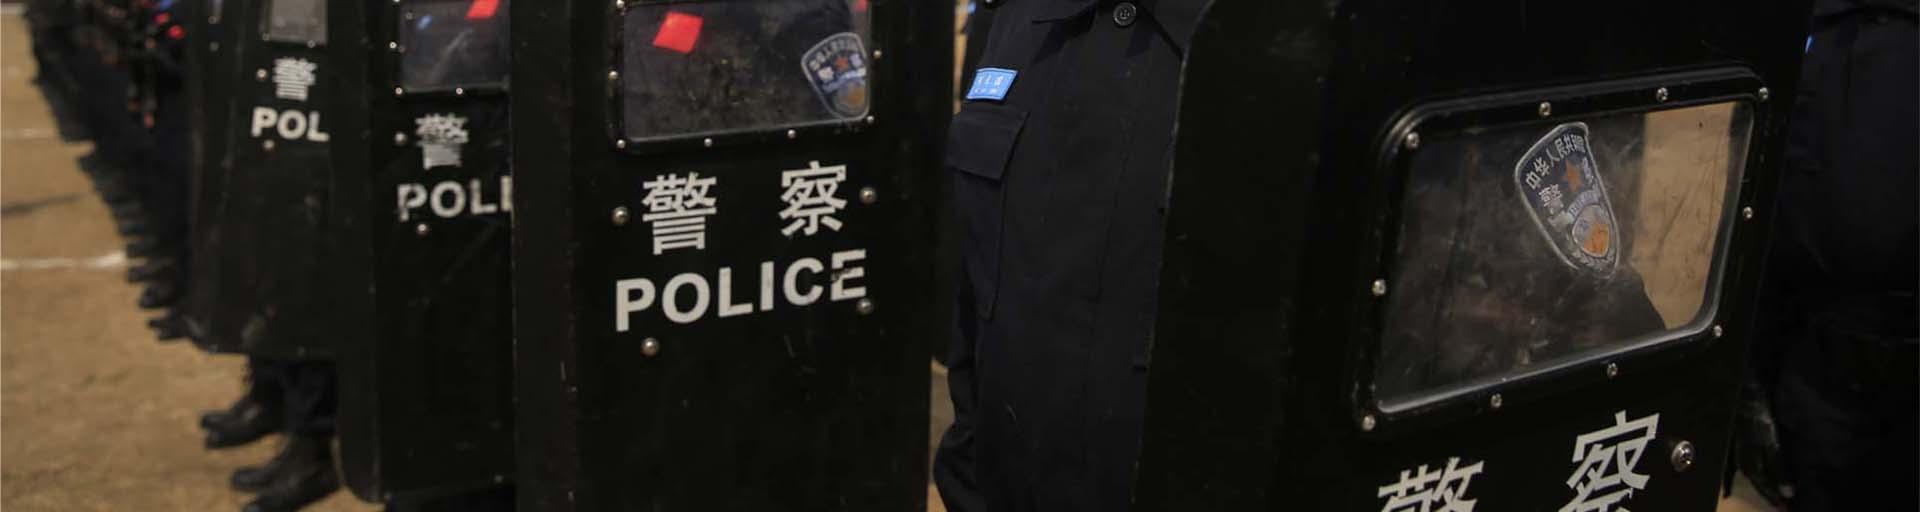 Chinesische-Polizisten-bei-einer-Uebung